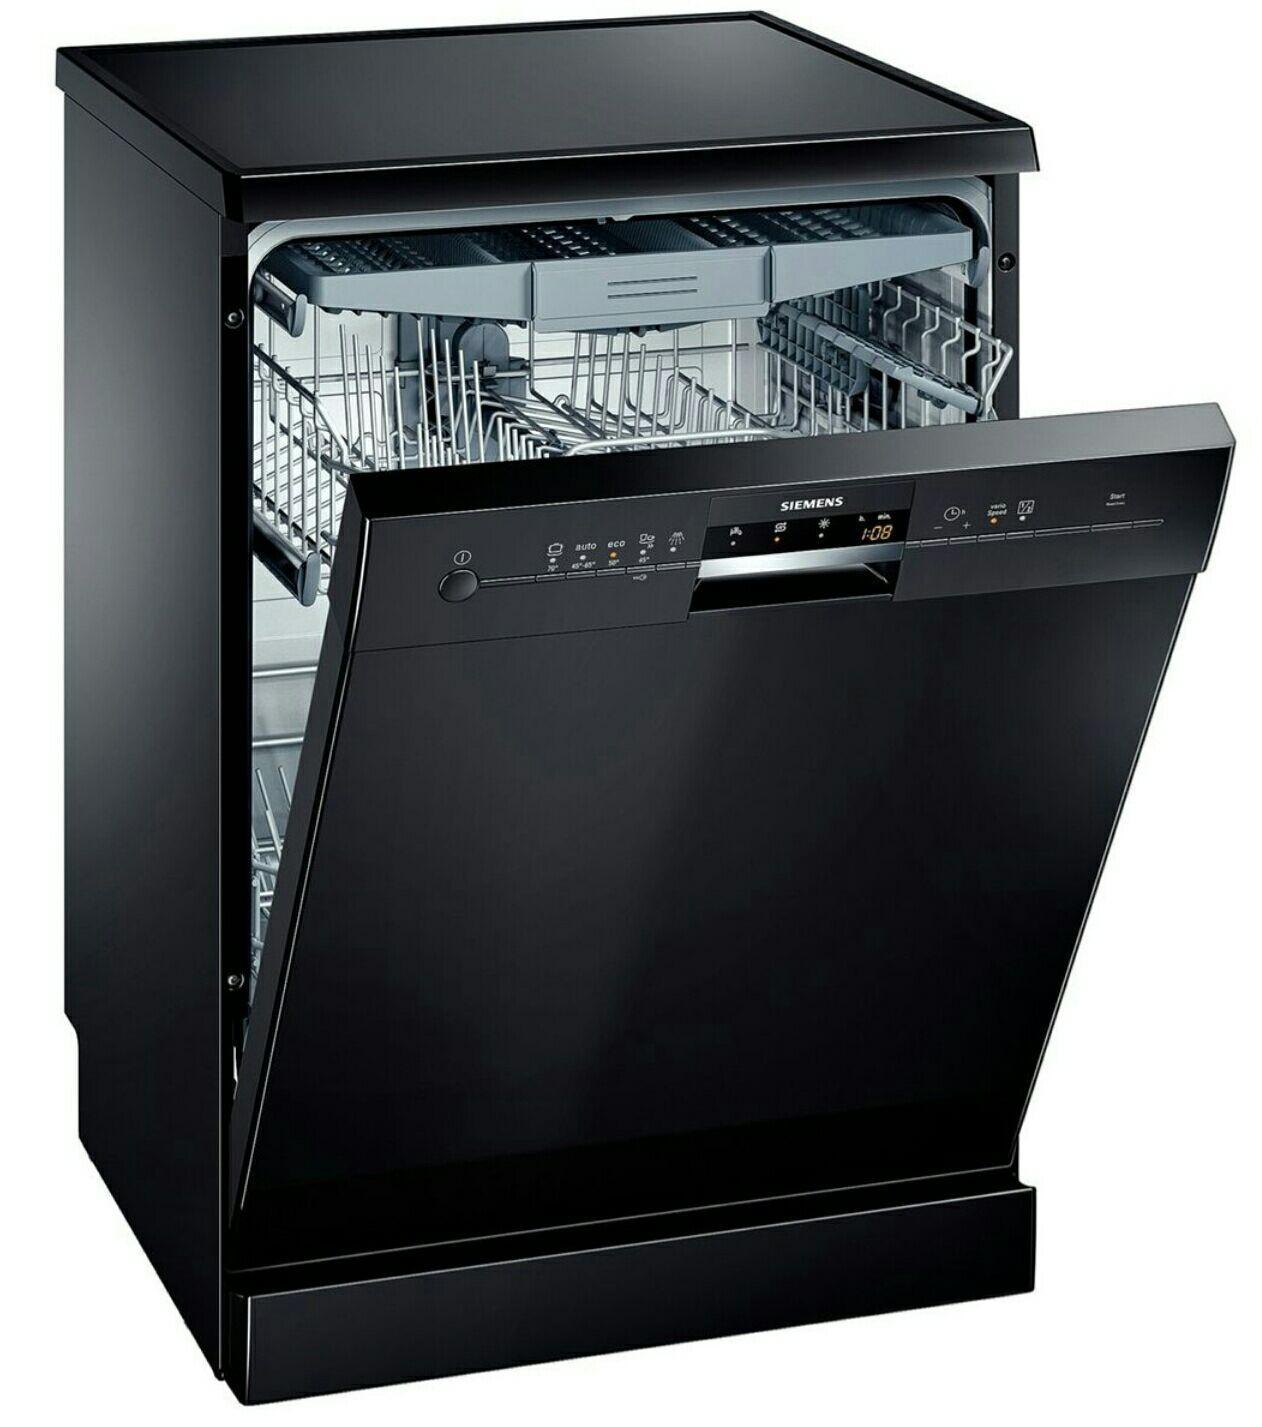 Lave-vaisselle Siemens SN25M687EU - 14 couverts